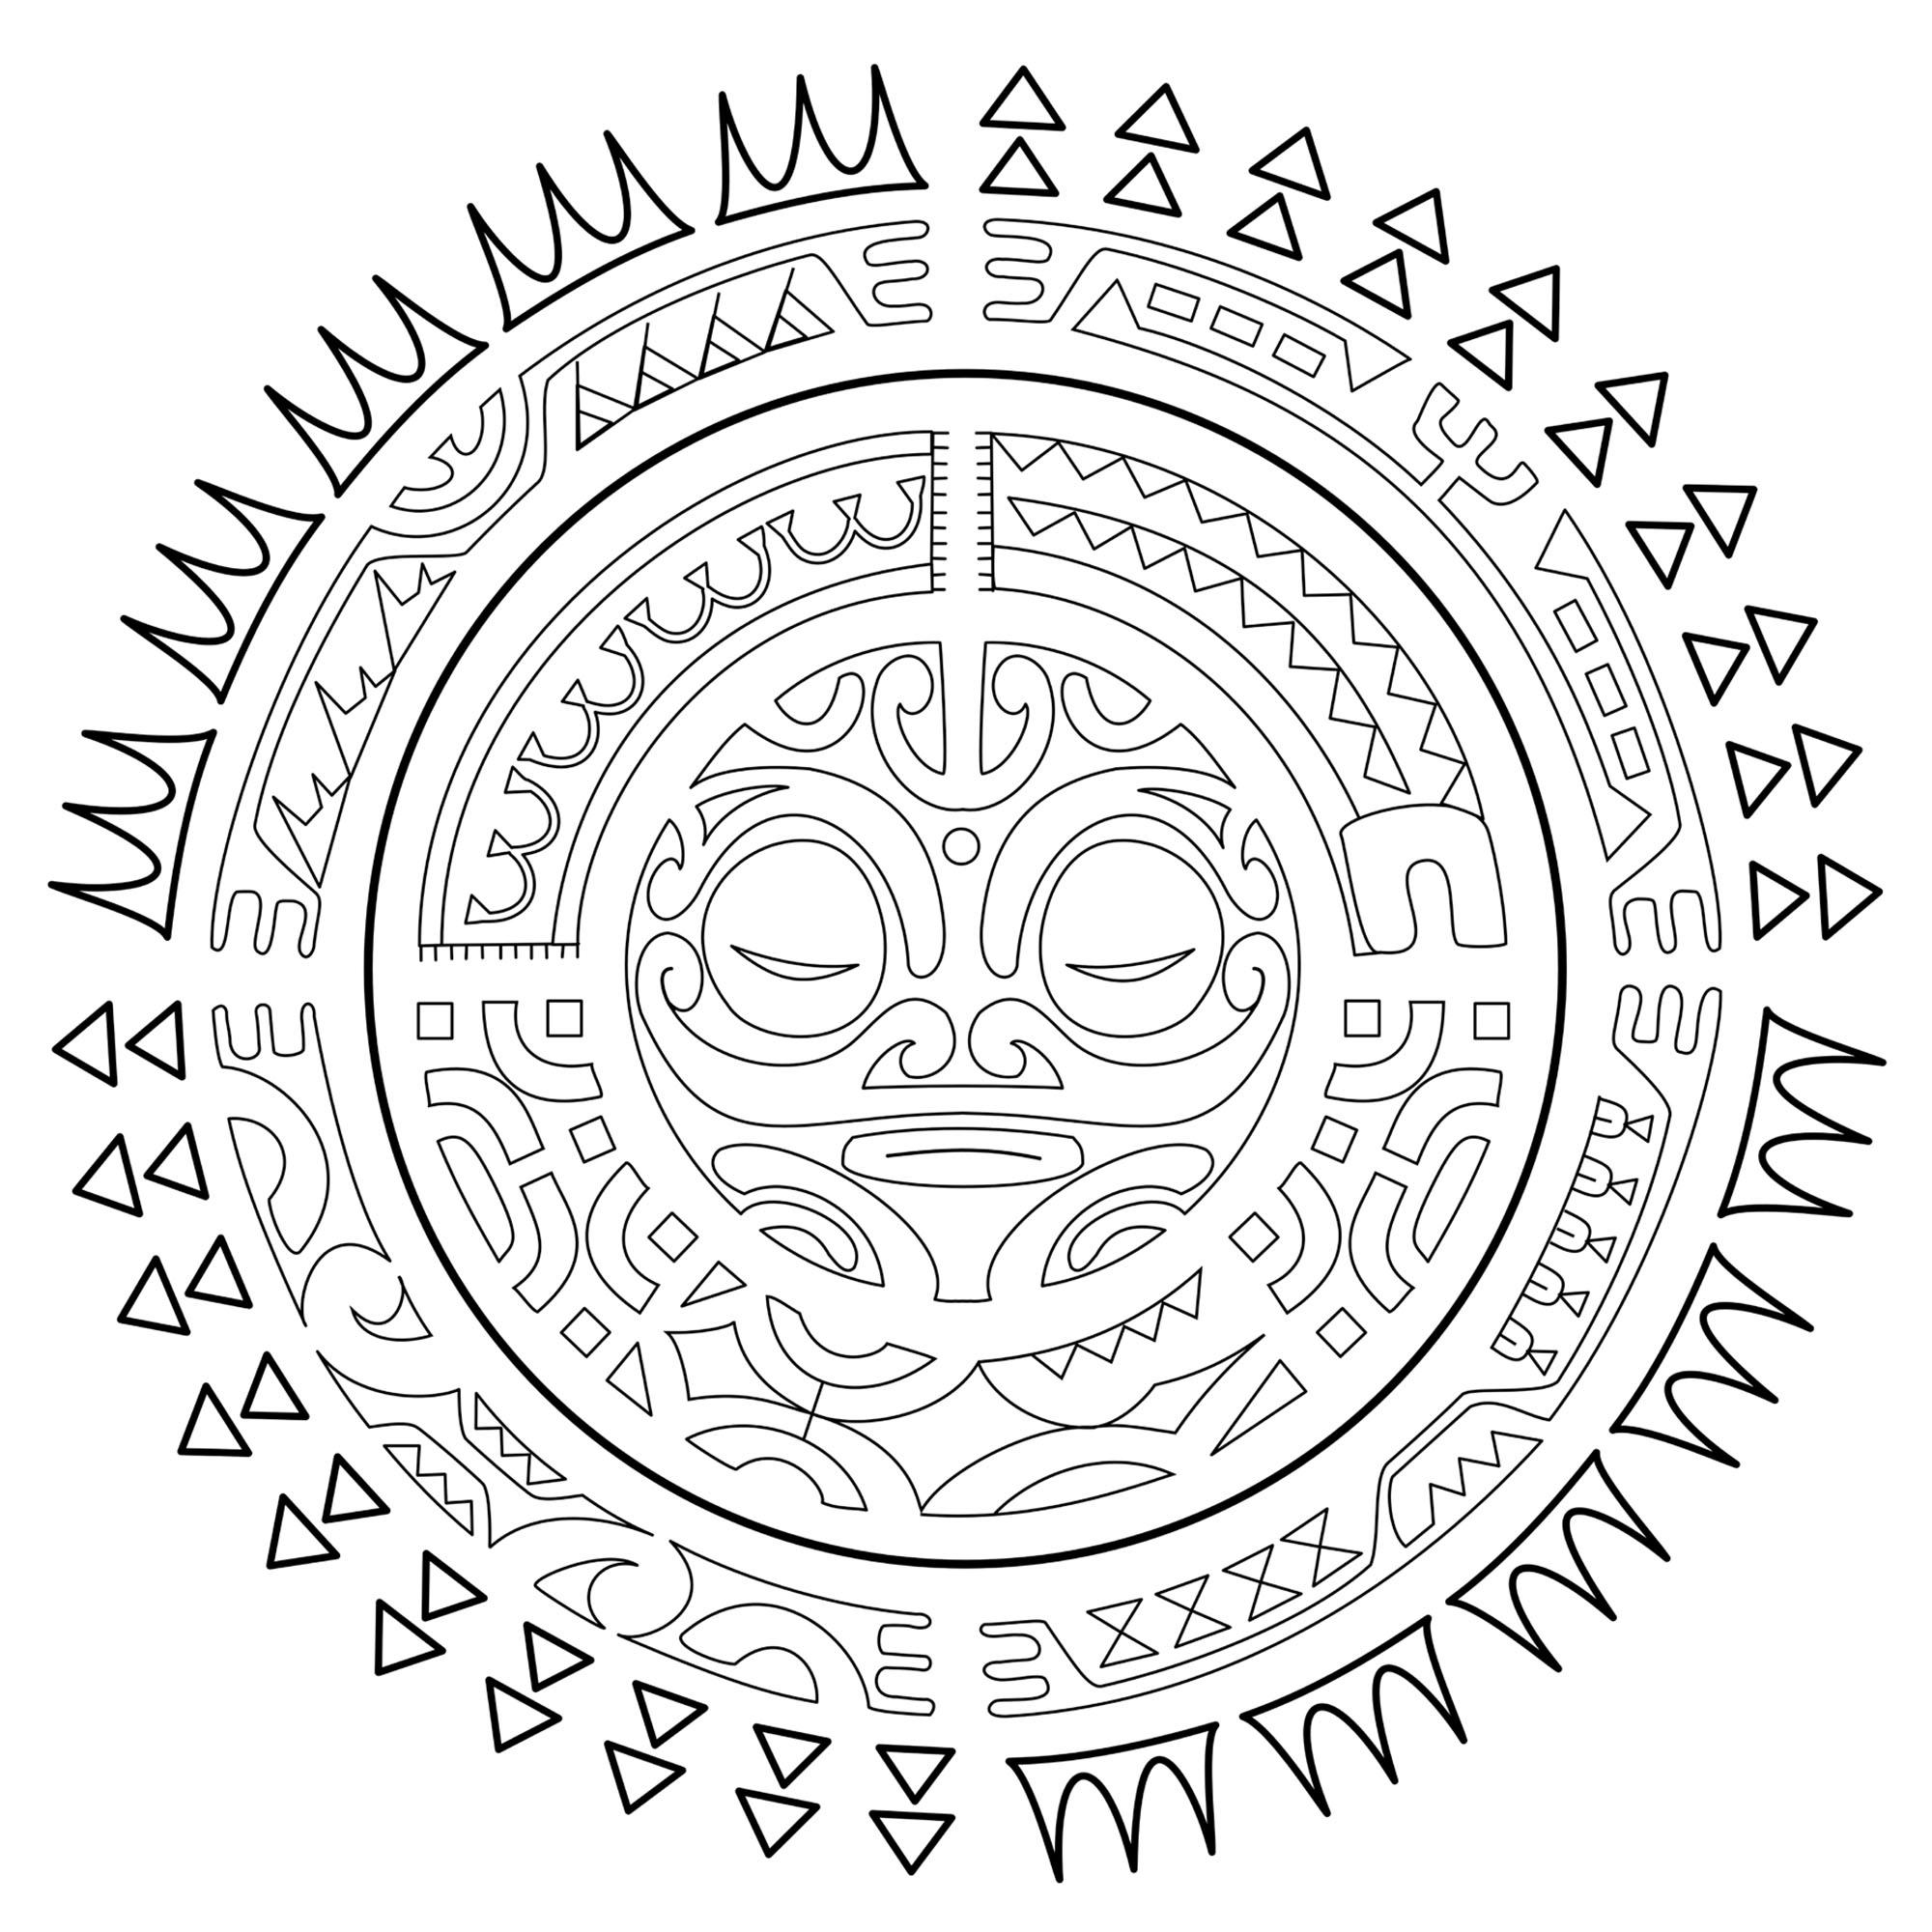 Coloriage Adulte Soleil.Tatouage Polynesien Le Soleil Tatouages Coloriages Difficiles